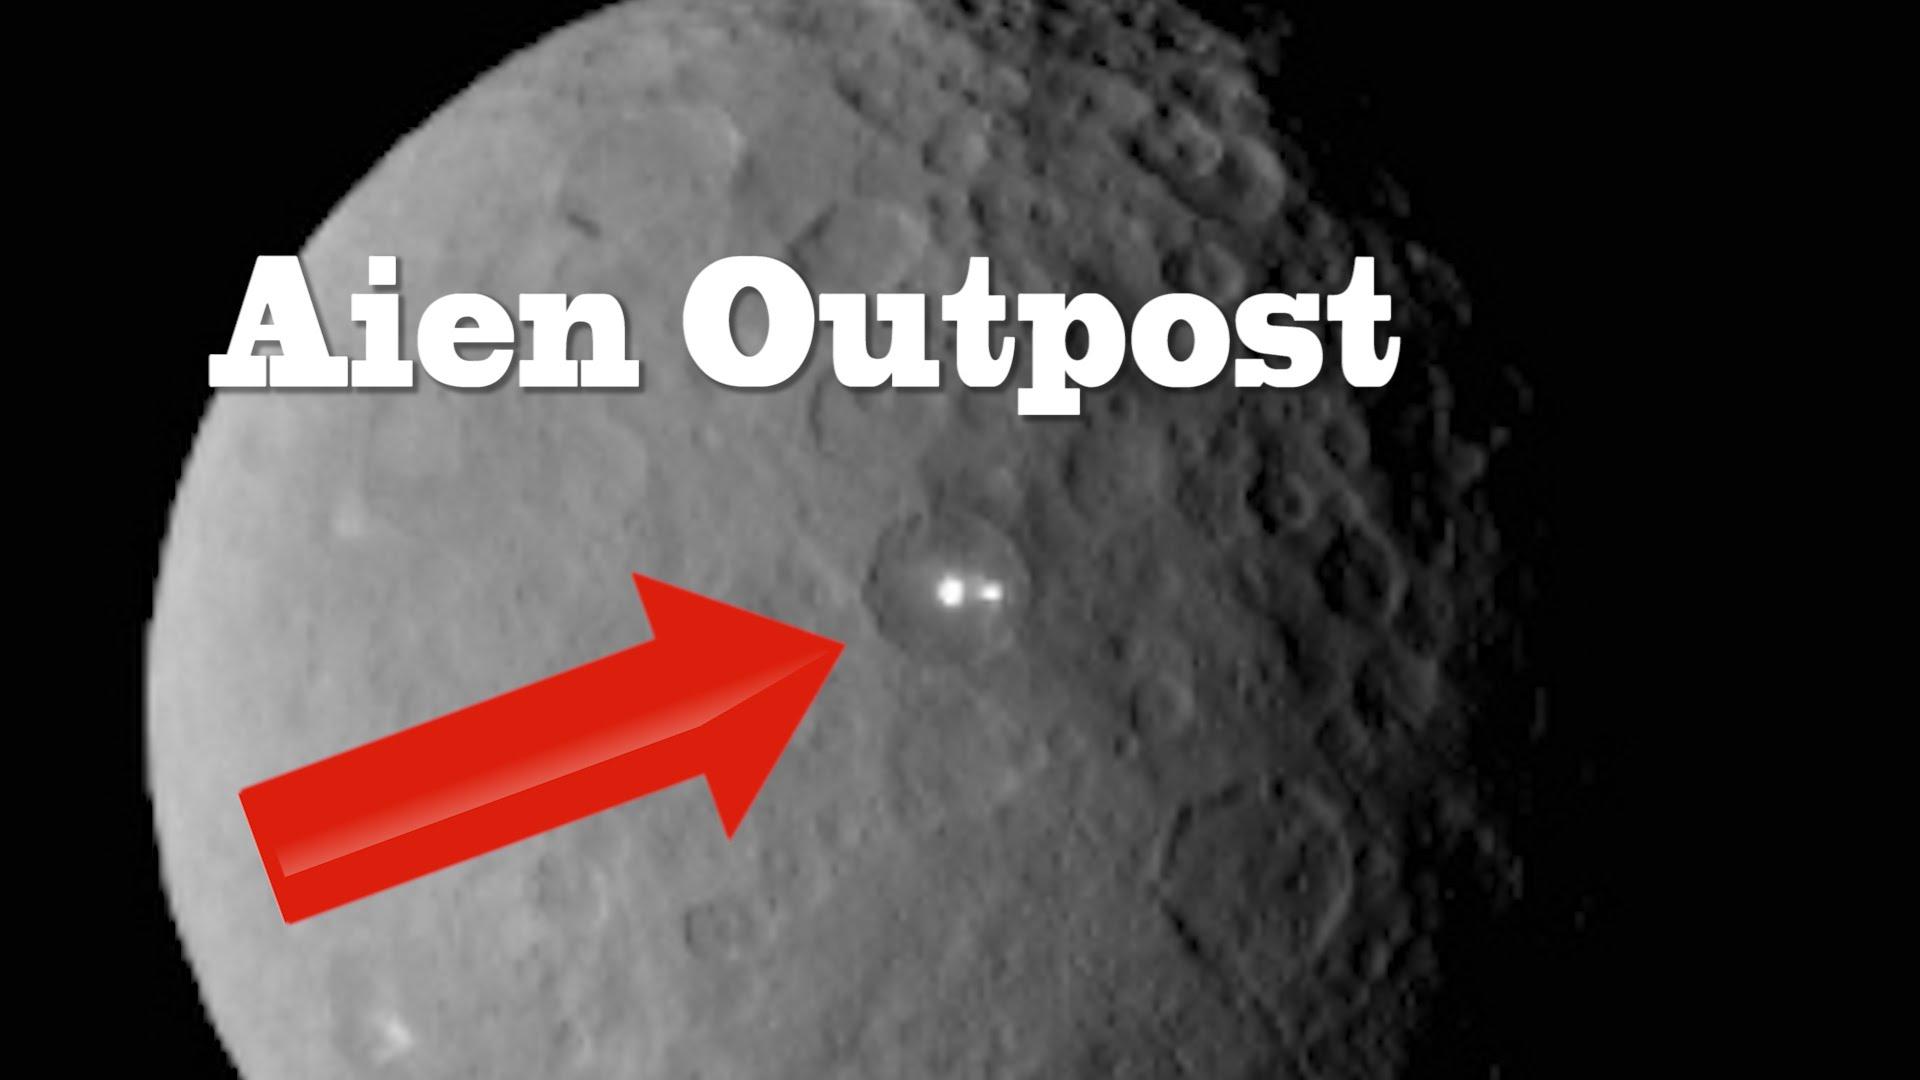 Ufo news today